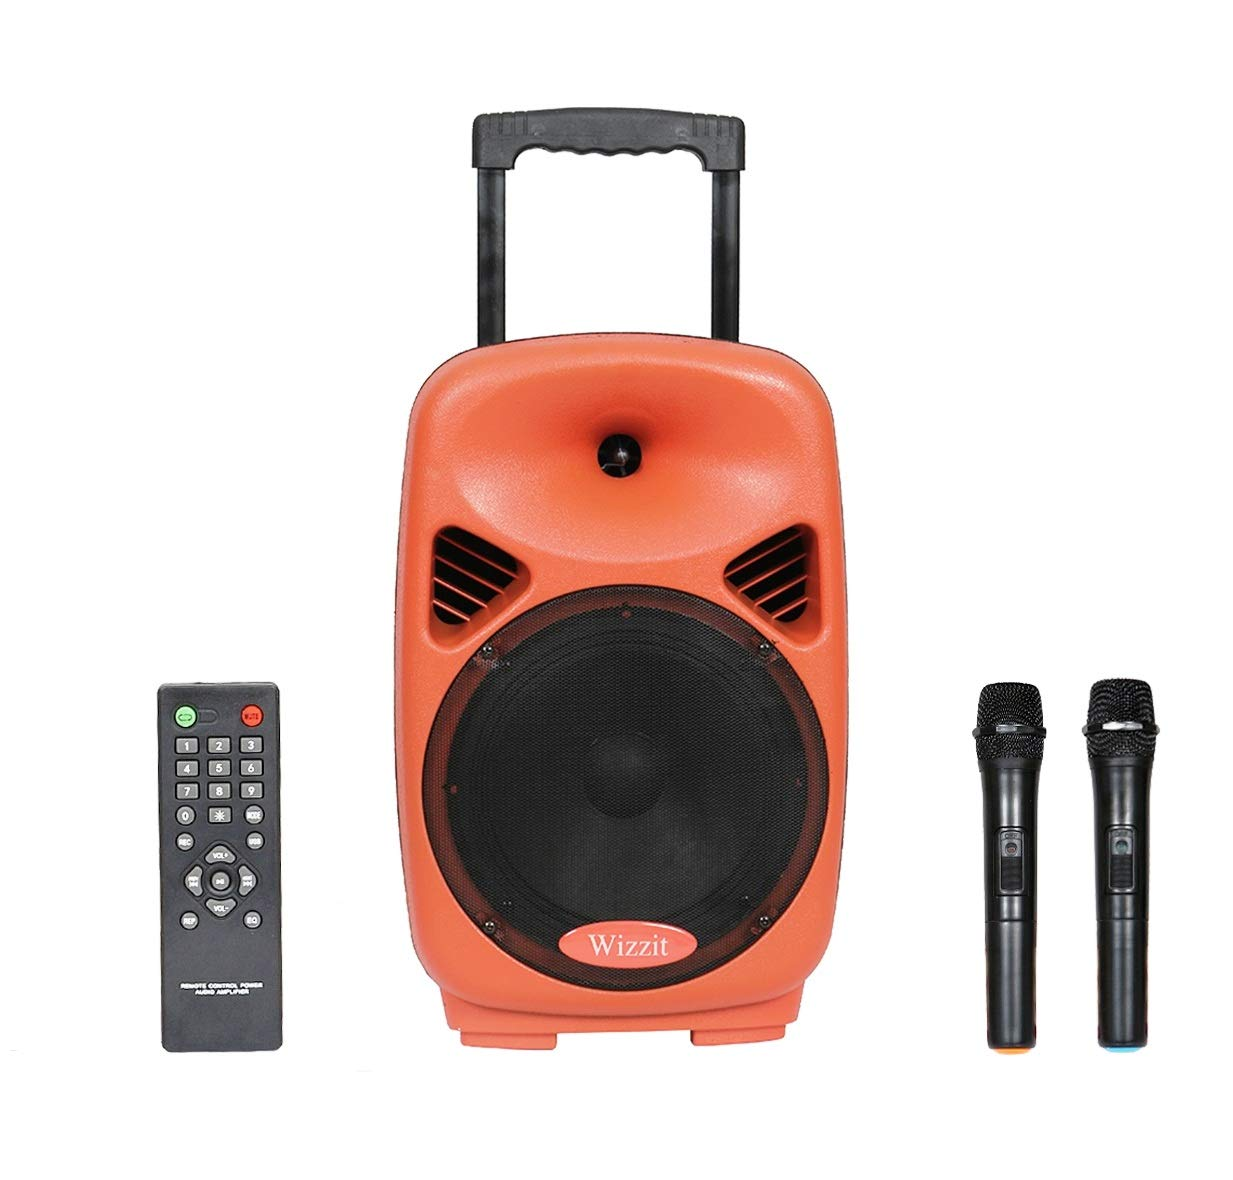 Wizzit 8 Karaoke Player best karaoke system in india